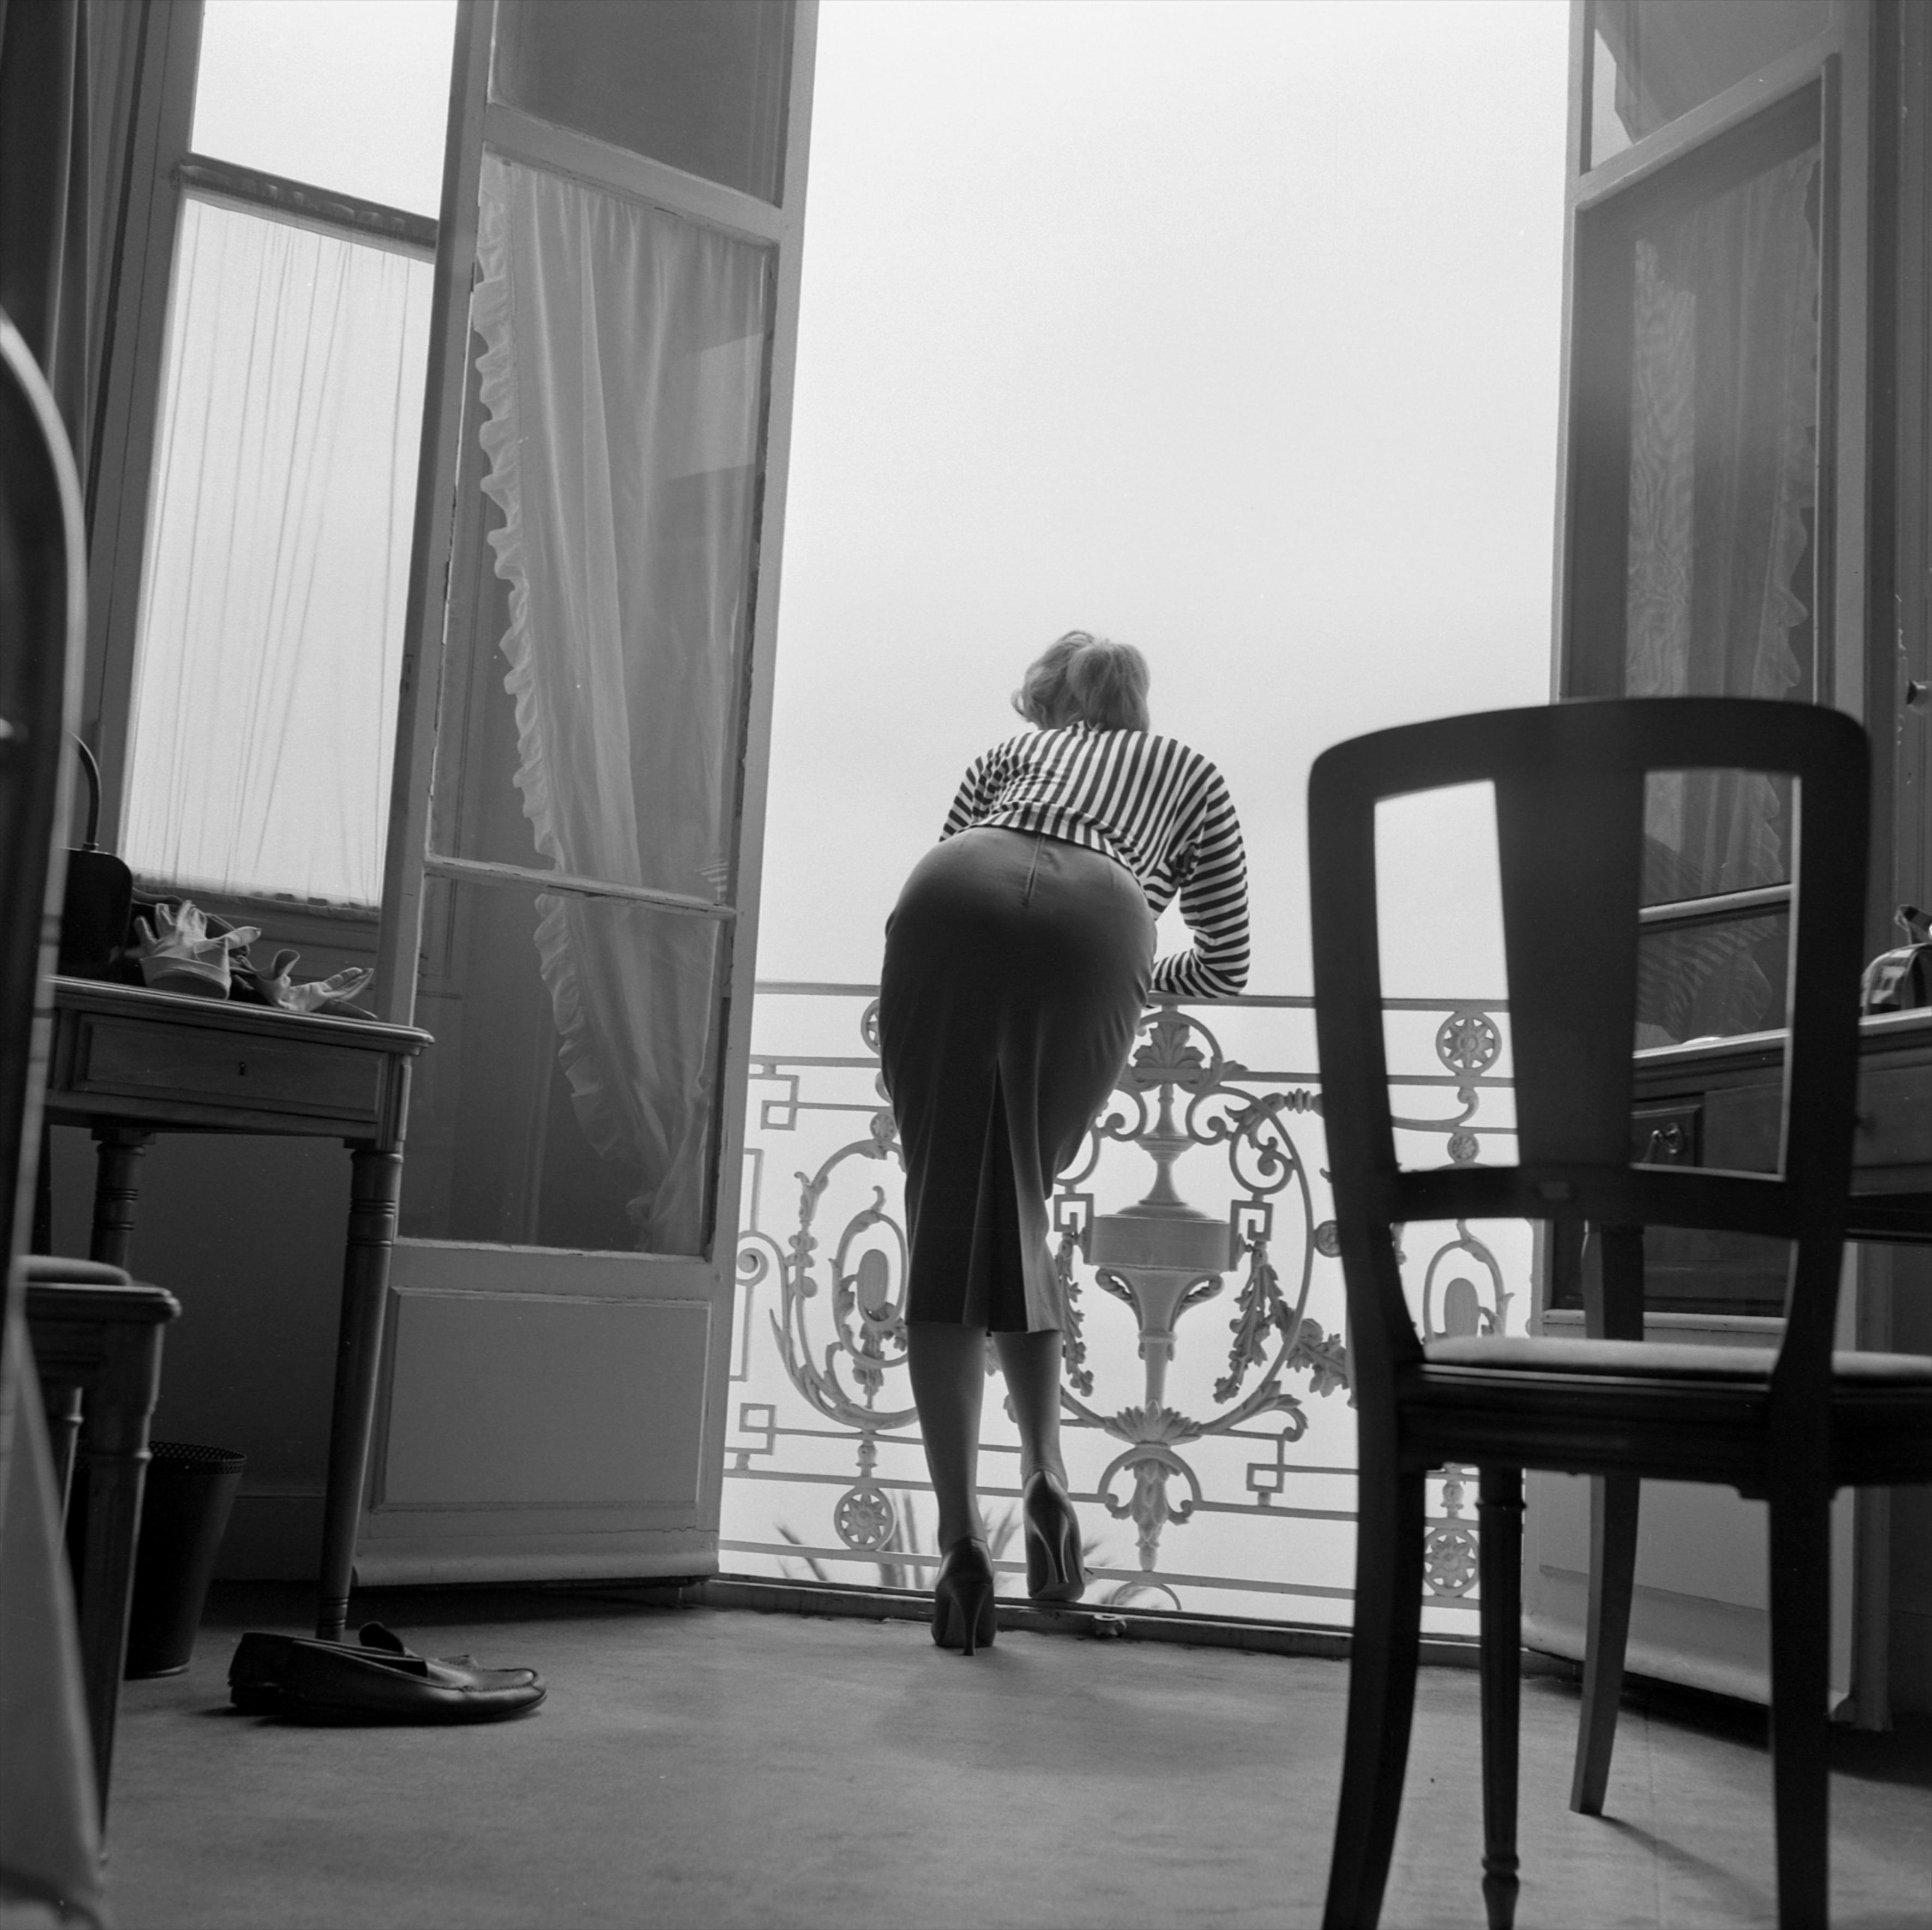 """Kein Fotograf hat das gesellschaftliche und kulturelle Leben an der Cóte d'Azur der """"Golden Fifties"""" so umfassend, hellwach und mit feiner Ironie dokumentiert wie der Ire Edward Quinn (1920-1997). Das Highlife auf Yachten, in Hotelsuiten und an Strandpromenaden, das Zusammentreffen von Stars, Managern, Aristokraten und Künstlern boten ein weites Terrain. Aus dieser Zeit stammen Quinns sensible Photos von """"Celebrities"""" wie Brigitte Bardot, Sophia Loren, Marlon Brando, Kirk Douglas, Gunther Sachs und so viele mehr. Die ersten Aufnahmen, die Gret Quinn in Zusammenarbeit mit ihrem Mann vergrößert, archiviert und an Illustrierte, Magazine, Agenturen und Zeitungen verschickt, gehören in den Bereich Pin-Up-Photographie. Die Posen der Girls können aus heutiger Sicht etwas unfreiwillig Komisches haben, gleichzeitig zeigen sie eine Art erotischer Unschuld, die sich aus den sozialen Normen der Zeit ergibt, aus der Spannung zwischen Alleszeigenwollen aber nicht Alleszeigendürfen. Spätere Stars begannen ihre Karriere an der Còte d'Azur als wenig bekannte Schauspielerinnen, wie z.B. Audrey Hepburn, die bereits früh von Quinn portraitiert wurde; aber auch die sehr junge Brigitte Bardot, die der Photograph einige Zeit unbefangen, leicht und authentisch abzubilden vermochte, bevor sie ihren eigenen Starphotographen hatte."""